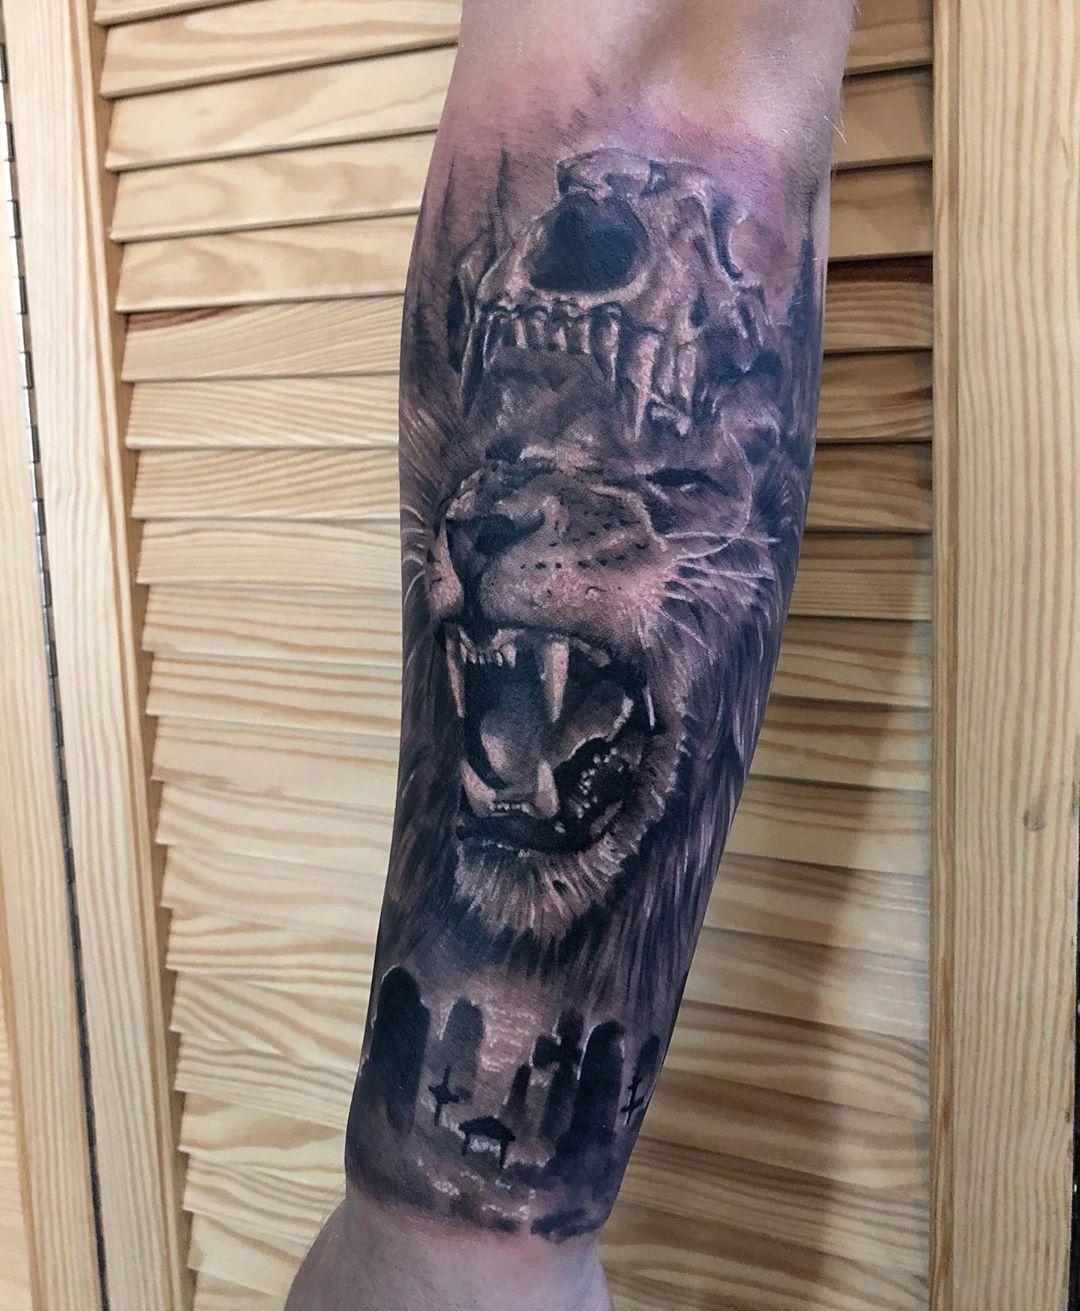 Od Mudzina pozdrawiamy i zapraszamy #liontattoo #animaltattoo #realistictattoo #realistic #ink #inked #inkdboy #tattoo #tattoostyle #mentattoos #białystoktattoo #bialystok #poland🇵🇱 #polandtattoos #slevetattoo